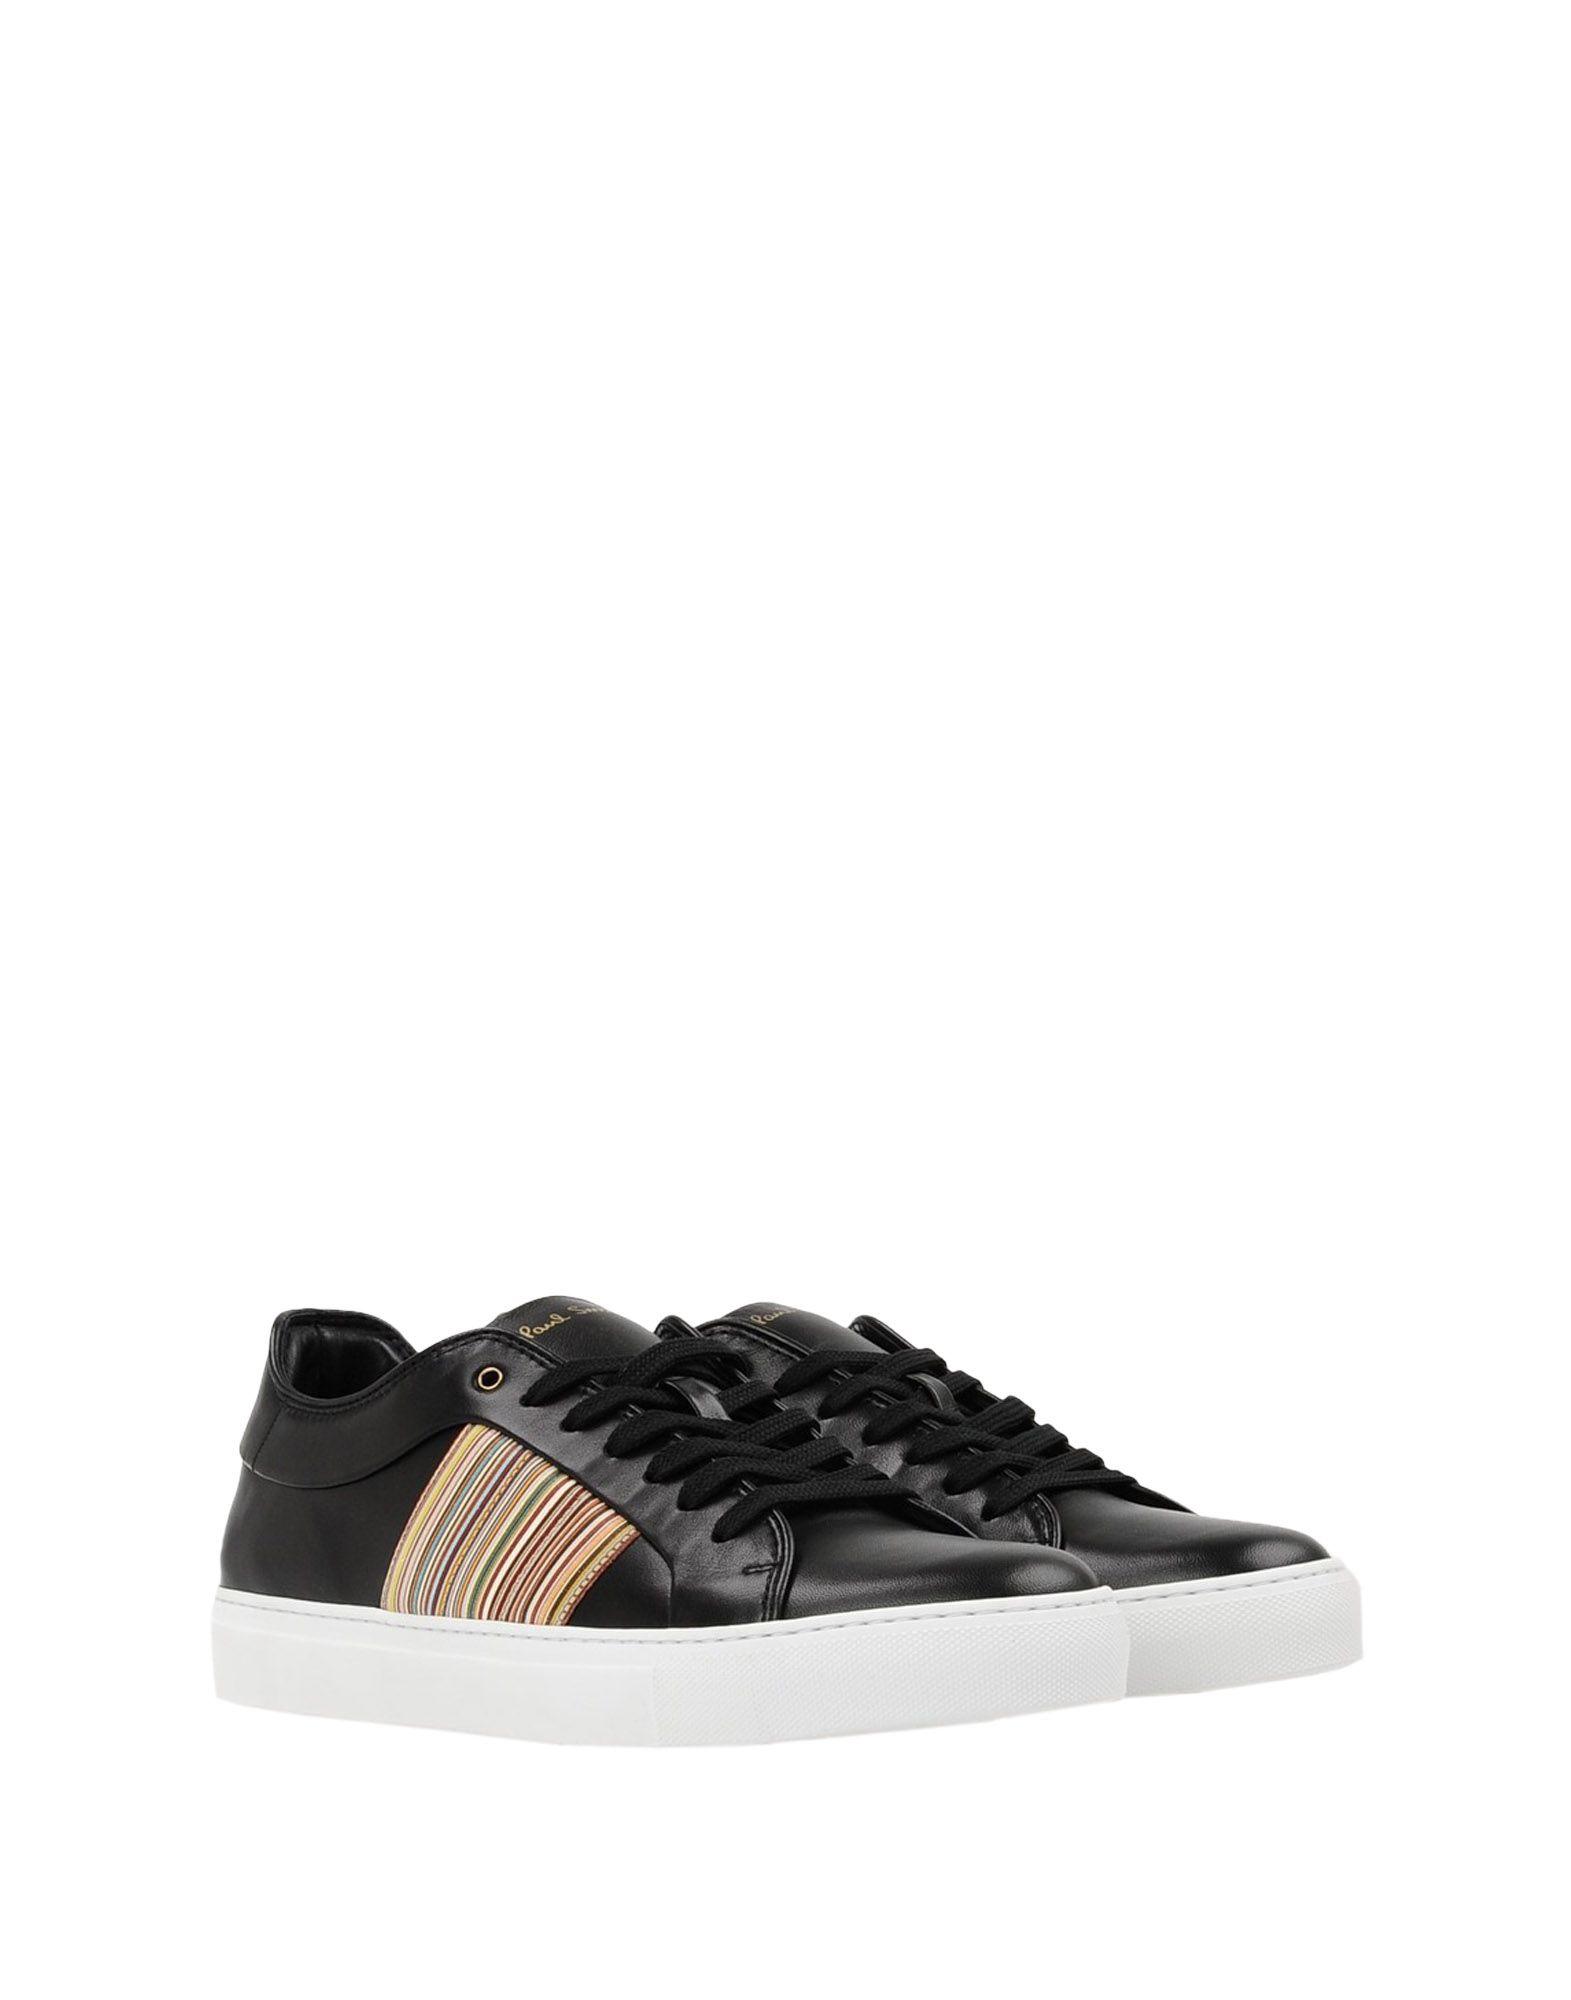 Paul Smith Sneakers Herren  Schuhe 11402895AW Gute Qualität beliebte Schuhe  8a10d7